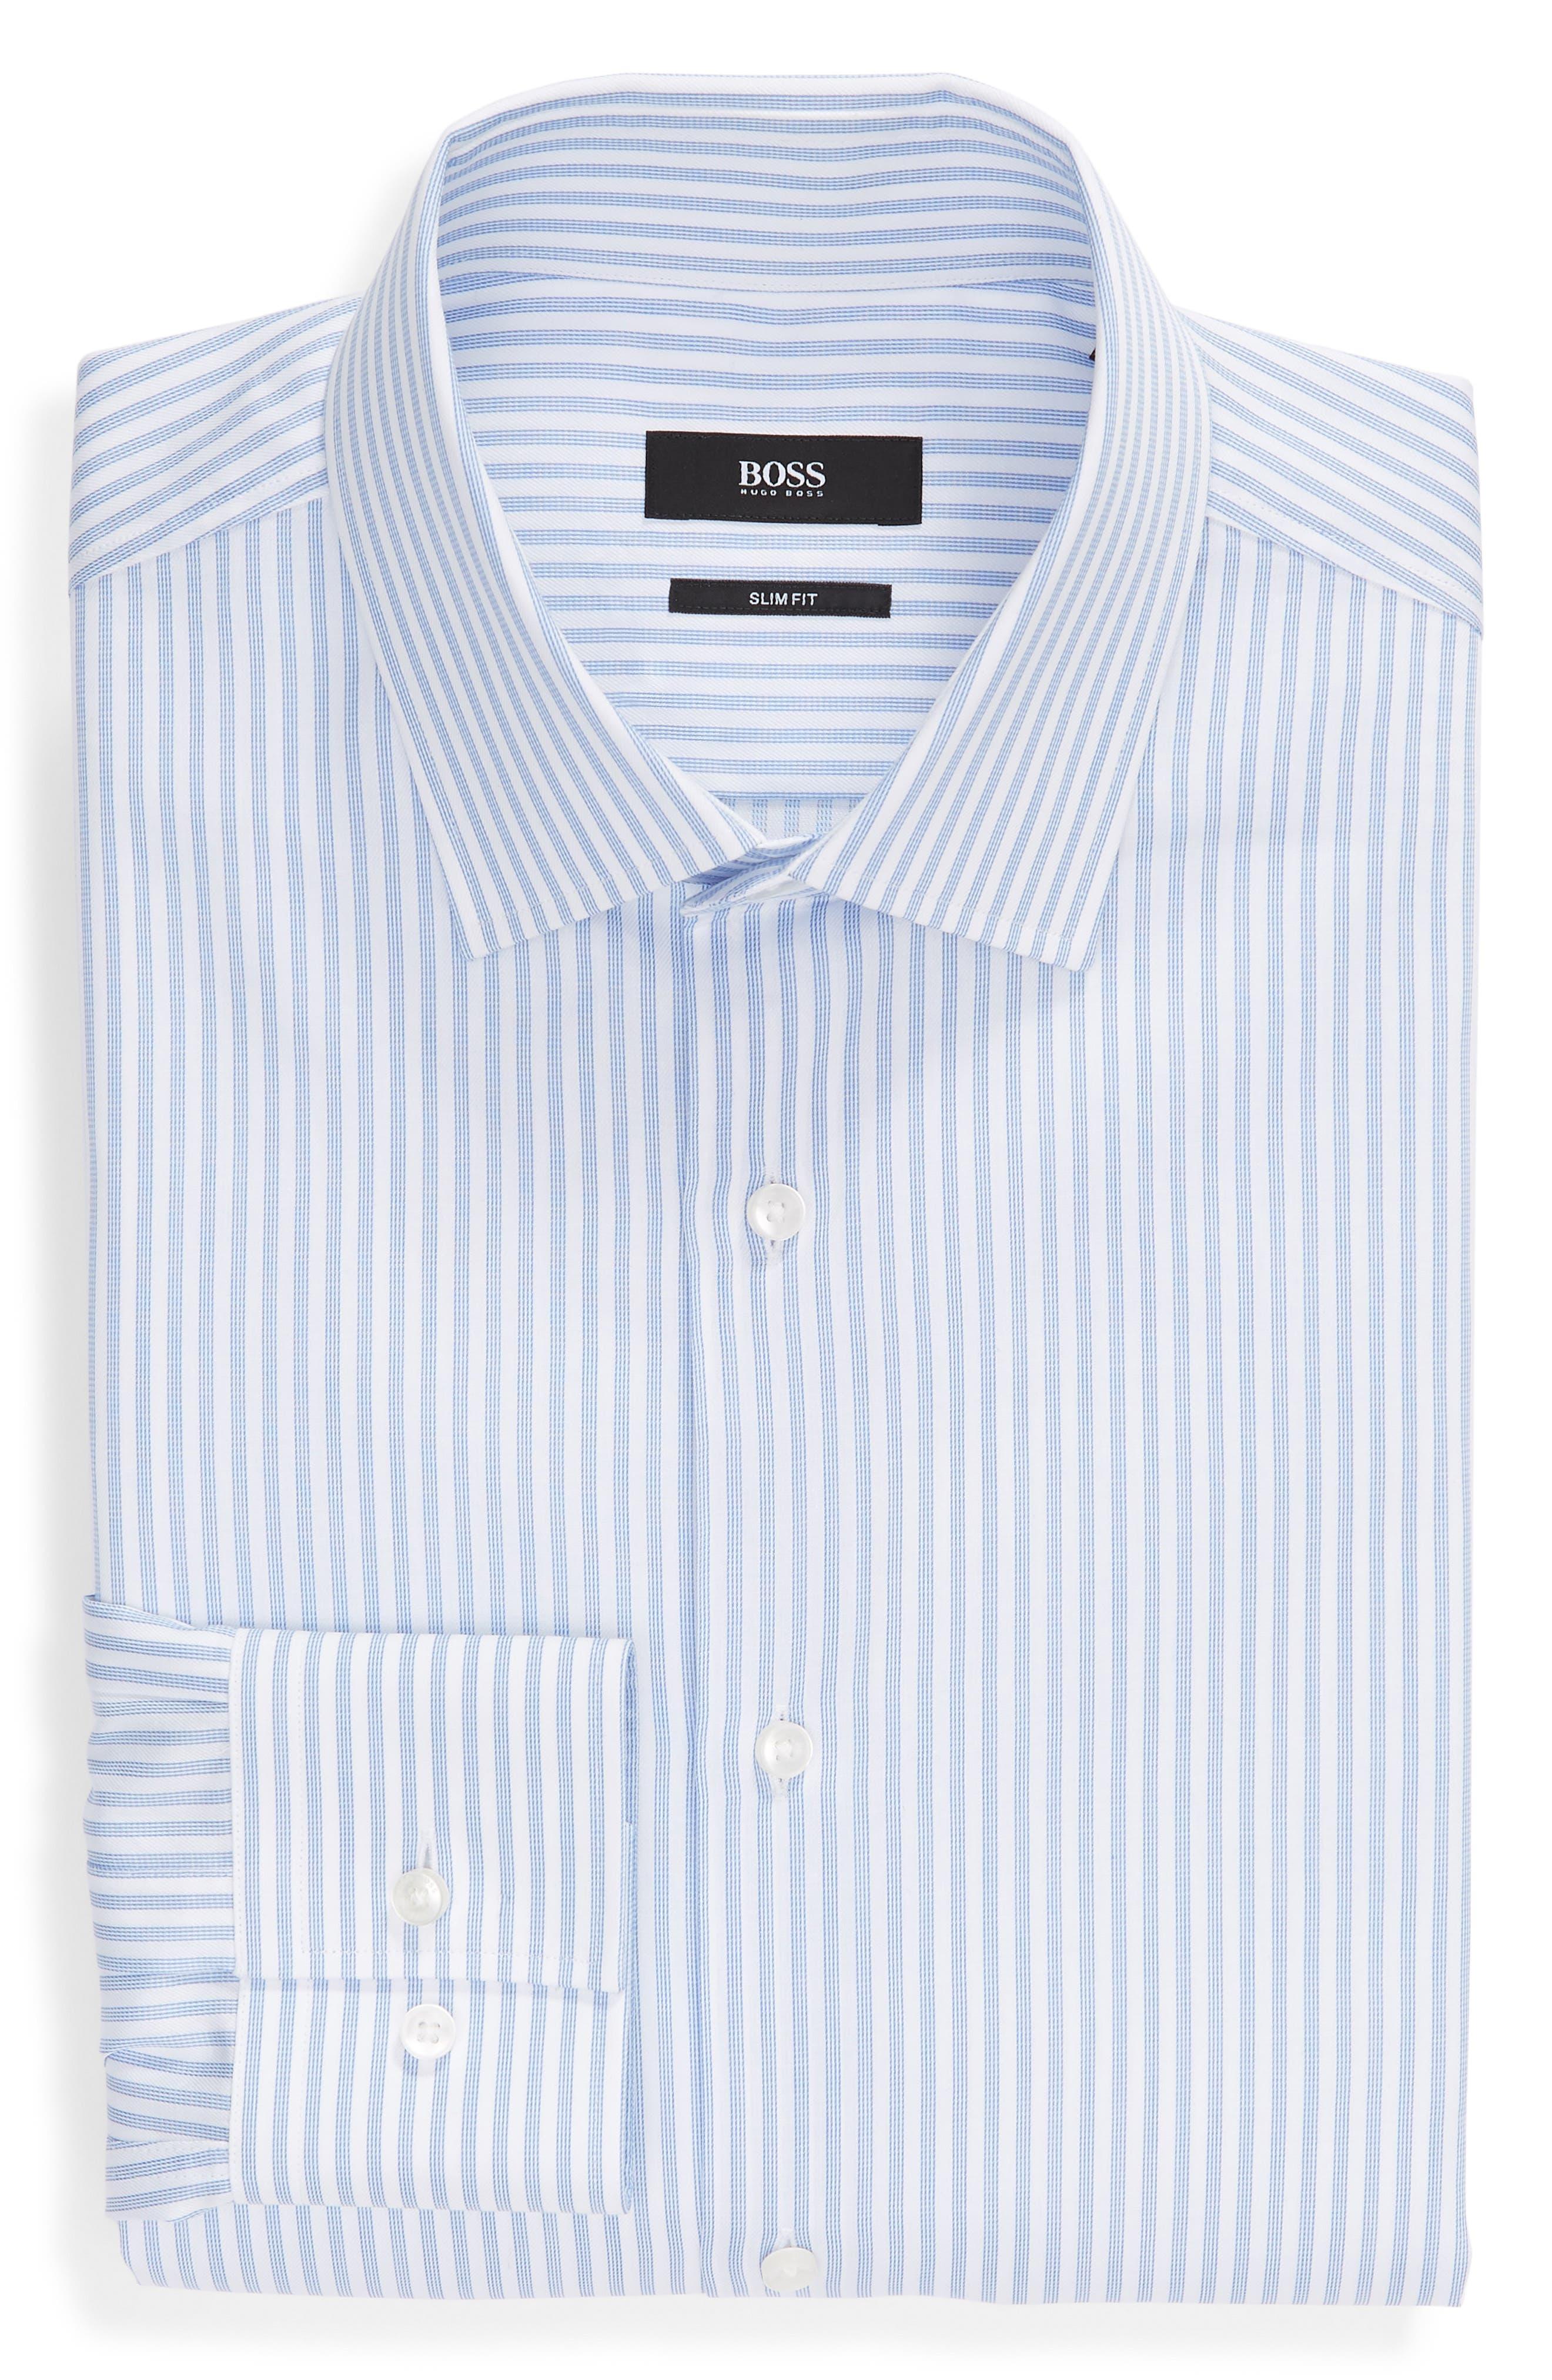 Jenno Trim Fit Stripe Dress Shirt,                             Alternate thumbnail 5, color,                             BLUE